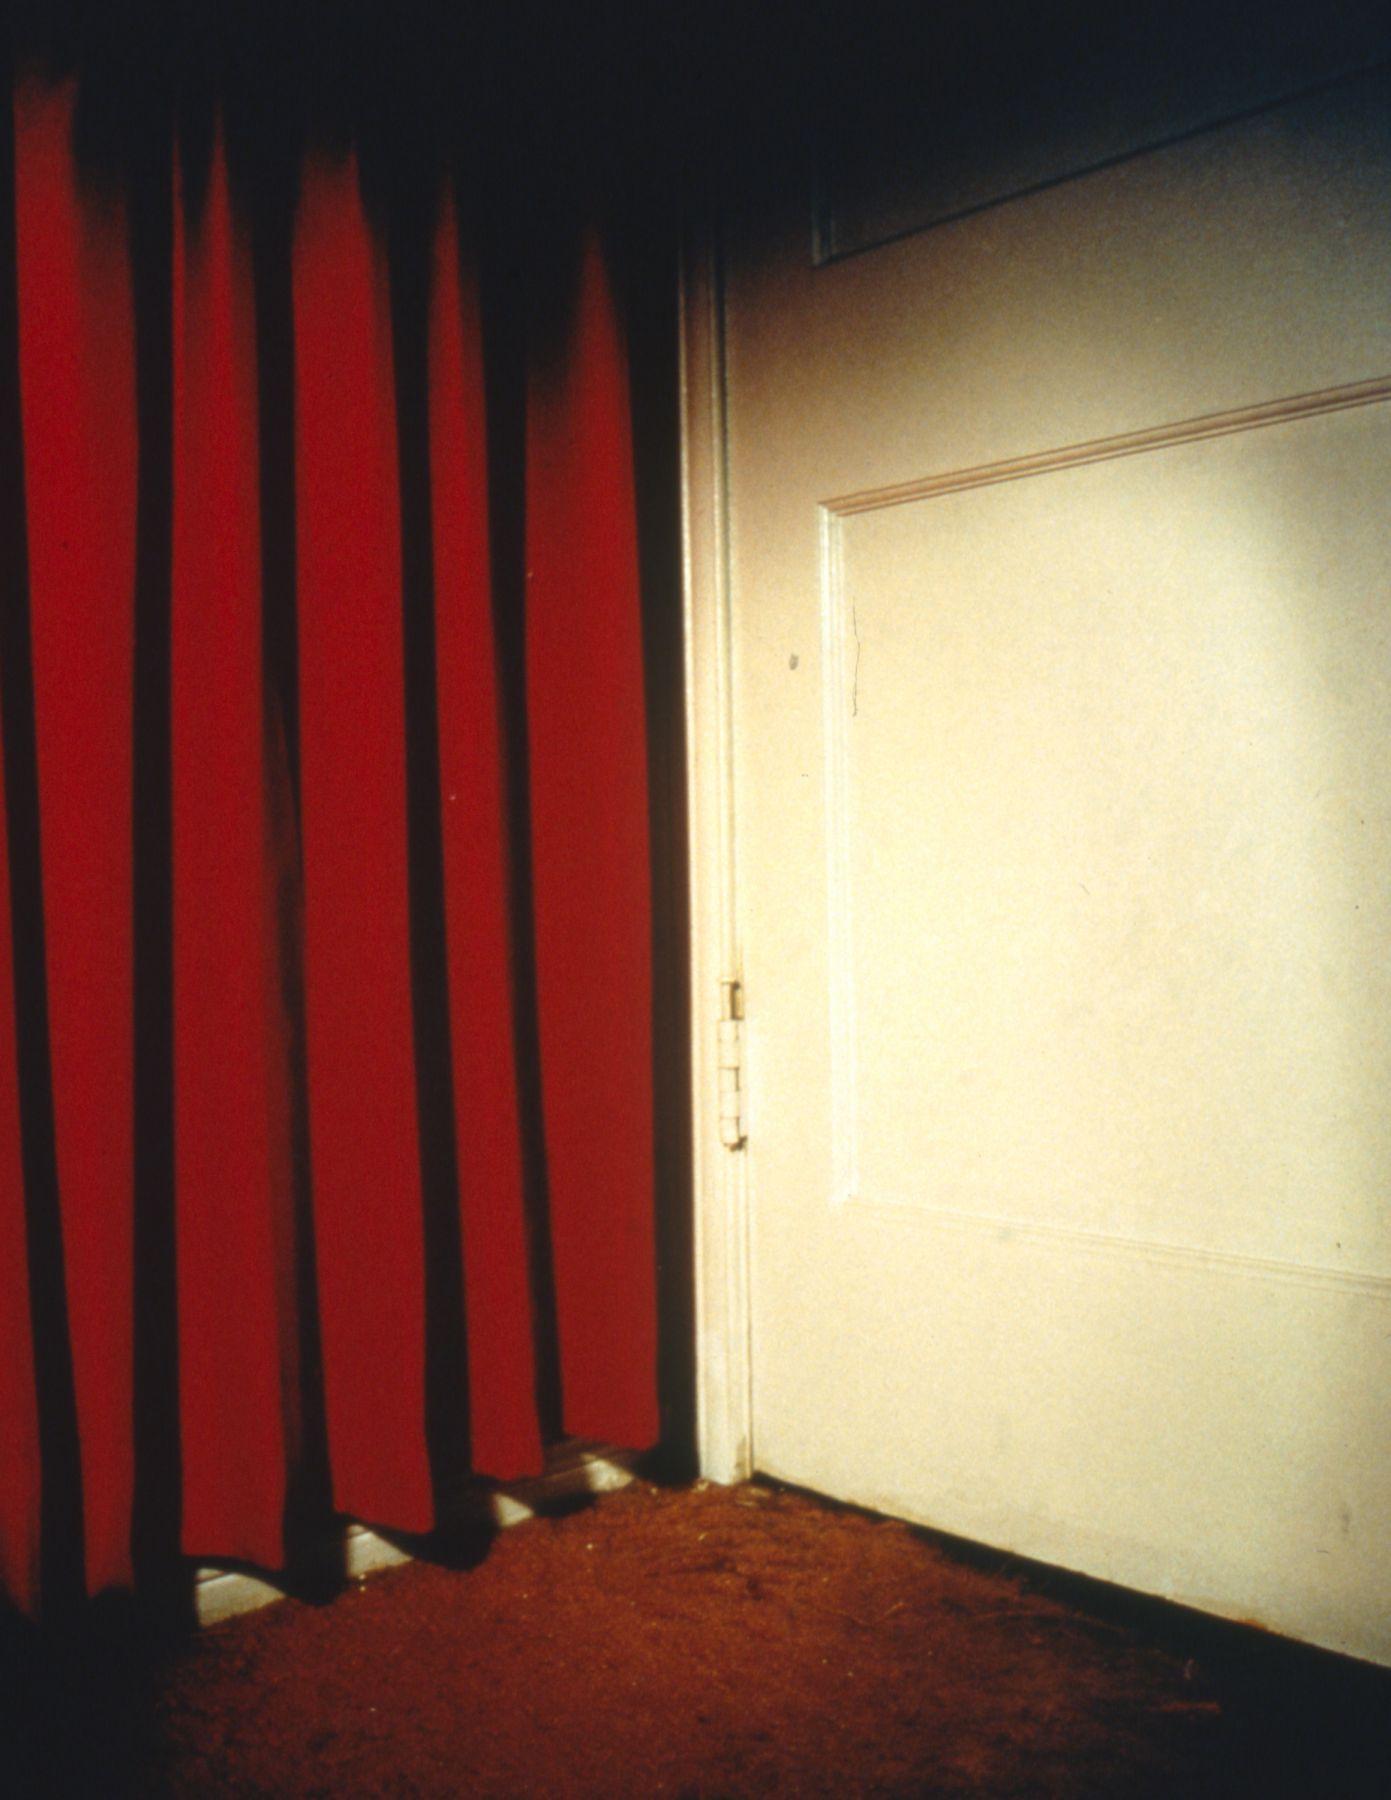 Julie Becker, Interior Corner #6, 1993, C-Print, 35 1/2 x 27 1/2 inches